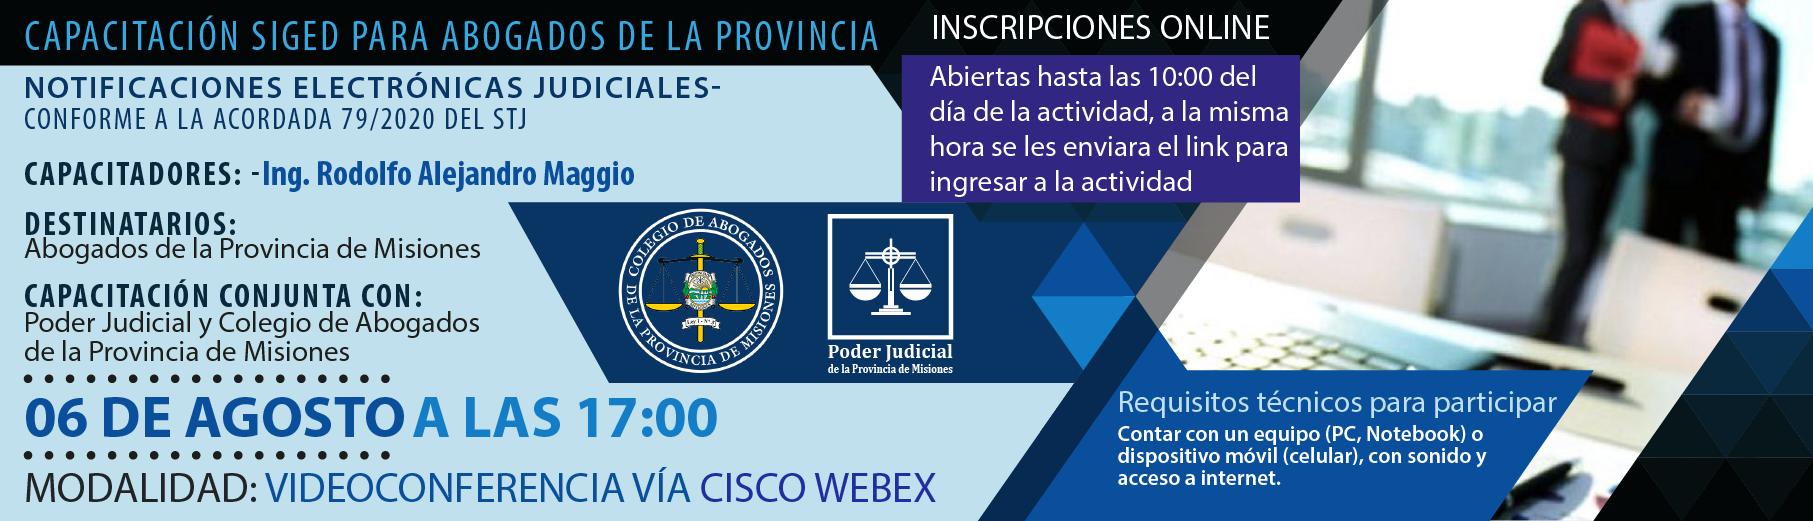 Capacitación SIGED para abogados de la provincia - Notificaciones Electrónicas Judiciales- Conforme a la Acordada 79/2020 del STJ